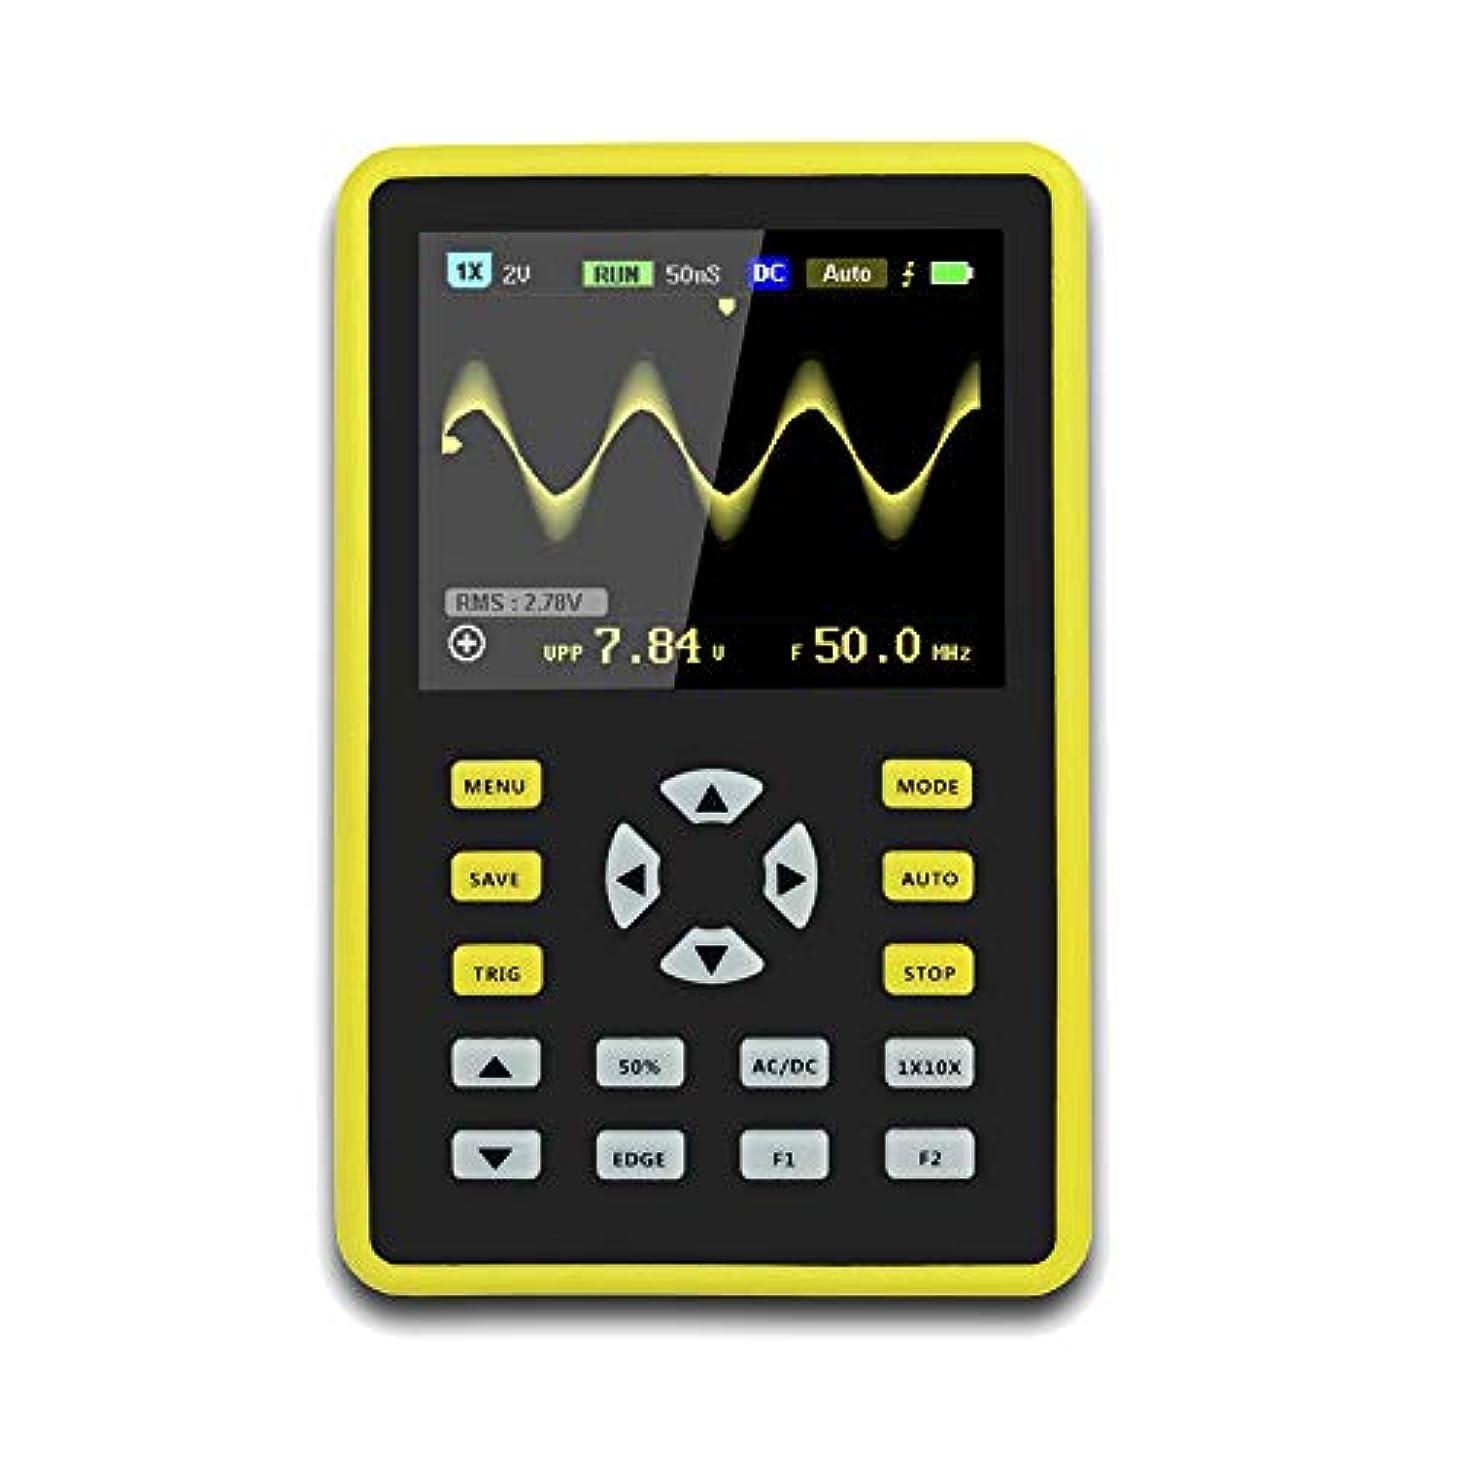 ラベンダーインチうつXlp  手持ち型デジタル小型オシロスコープ2.4インチ500 MS/s IPS LCD表示スクリーンの携帯用